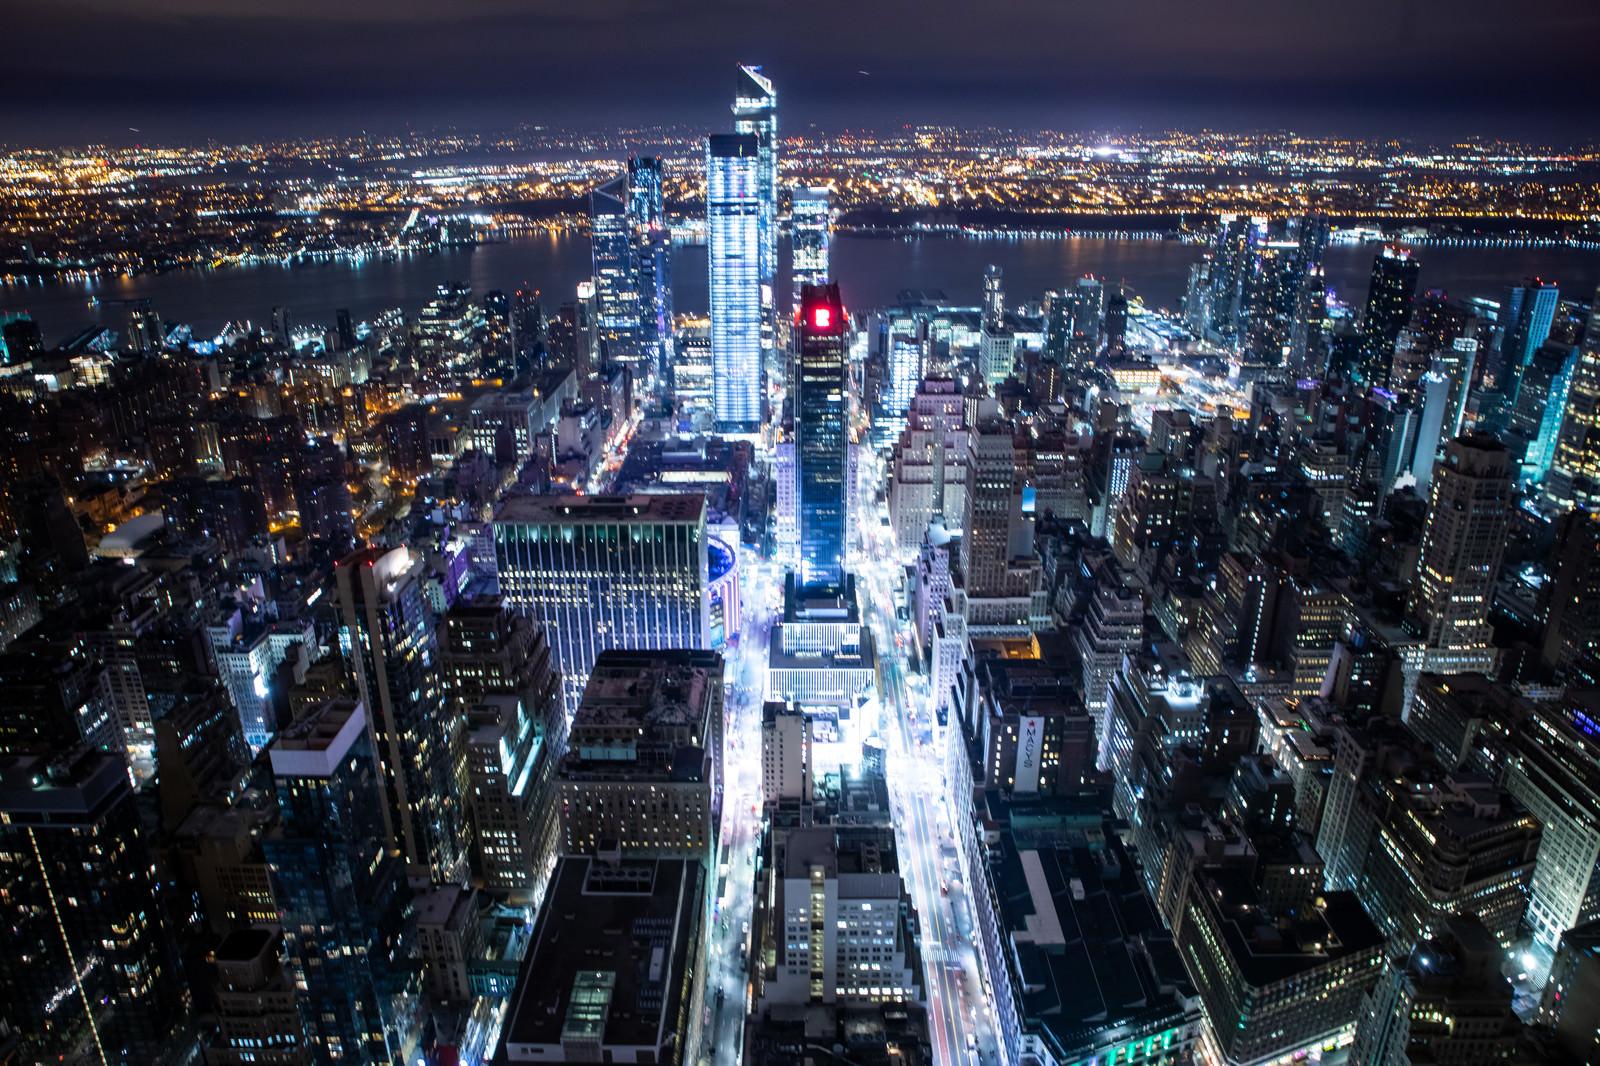 「光り輝くニューヨークの夜景」の写真